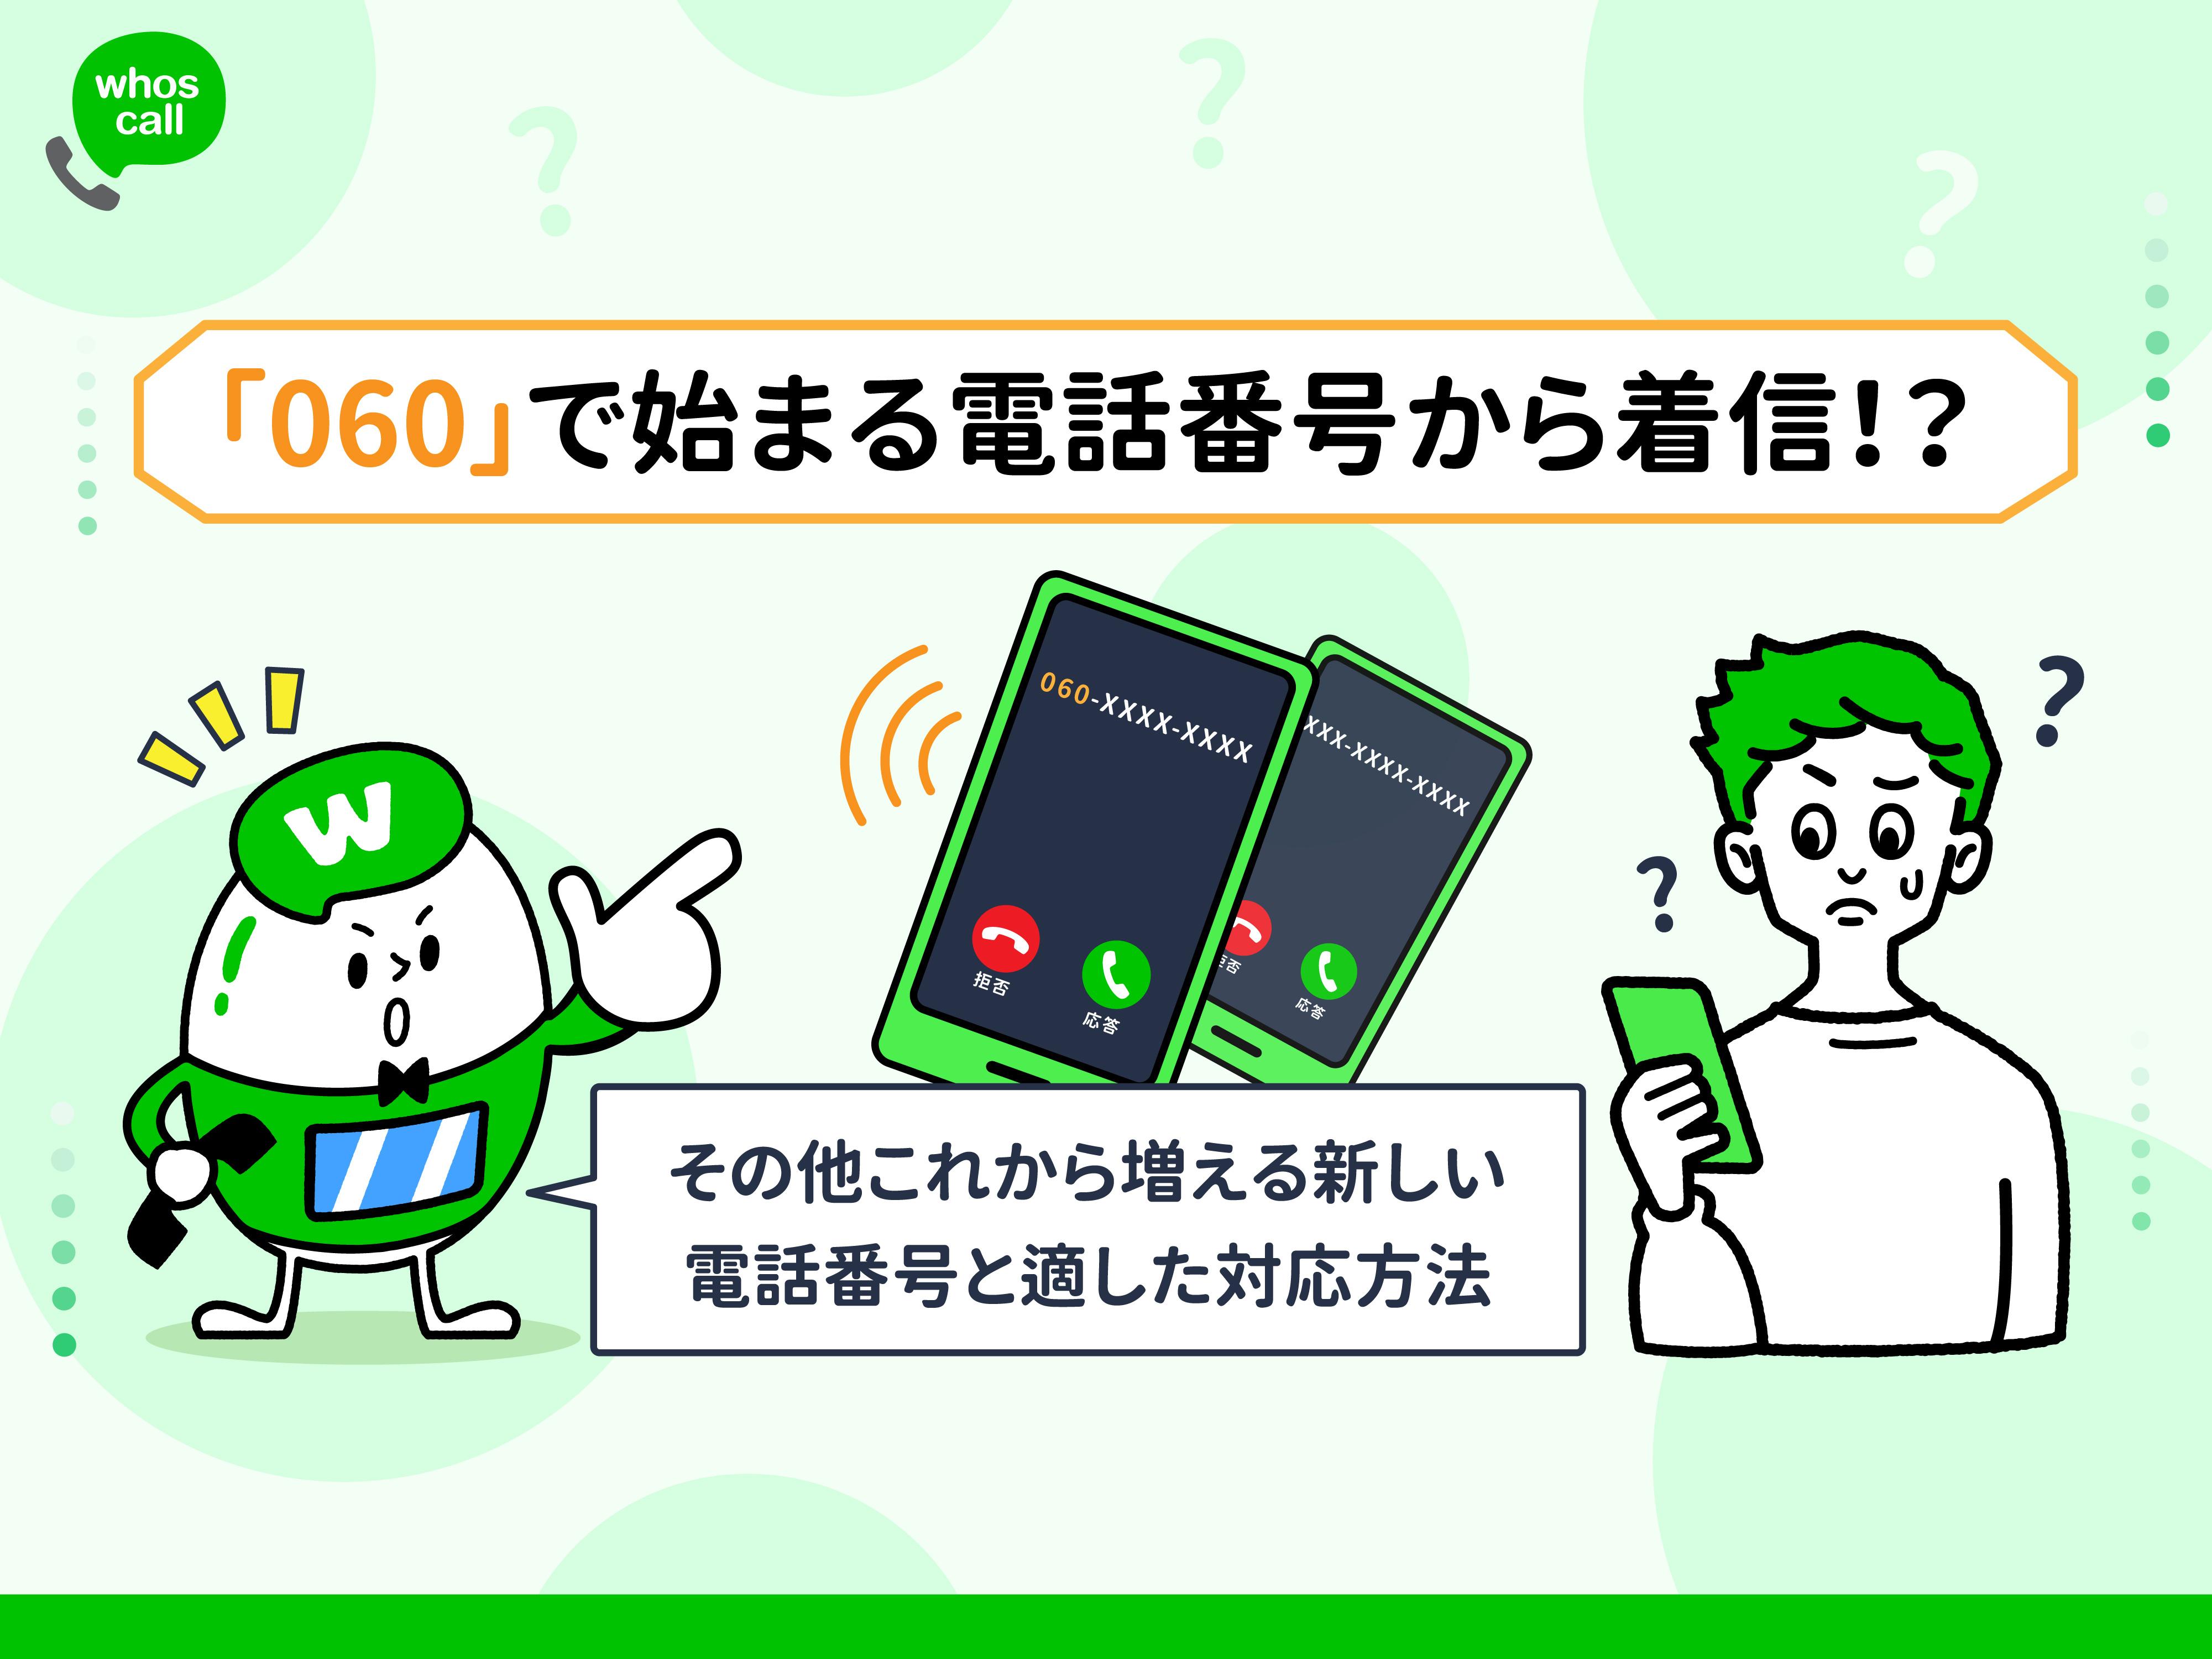 「060」で始まる電話番号から着信!?これから増える新しい電話番号と適した対応方法